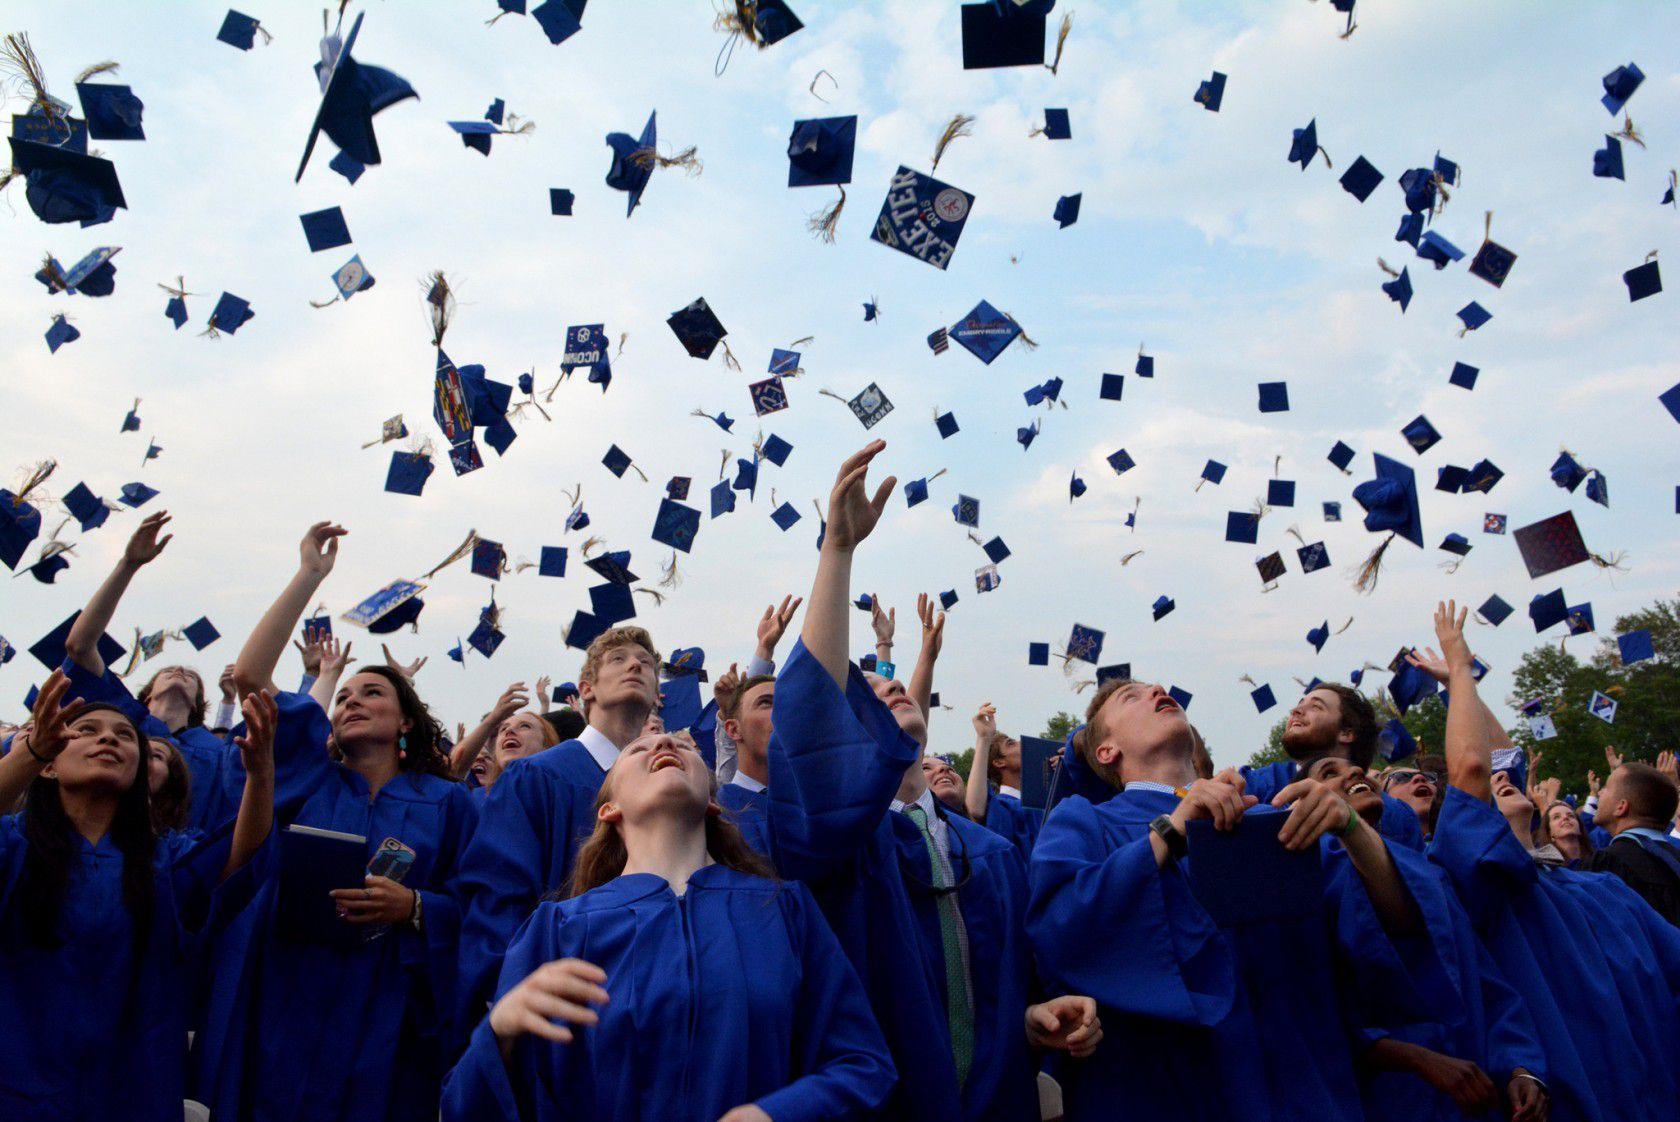 Kanada Lise Eğitimi SLEP Sınavı Başvuru Koşulları Nelerdir?